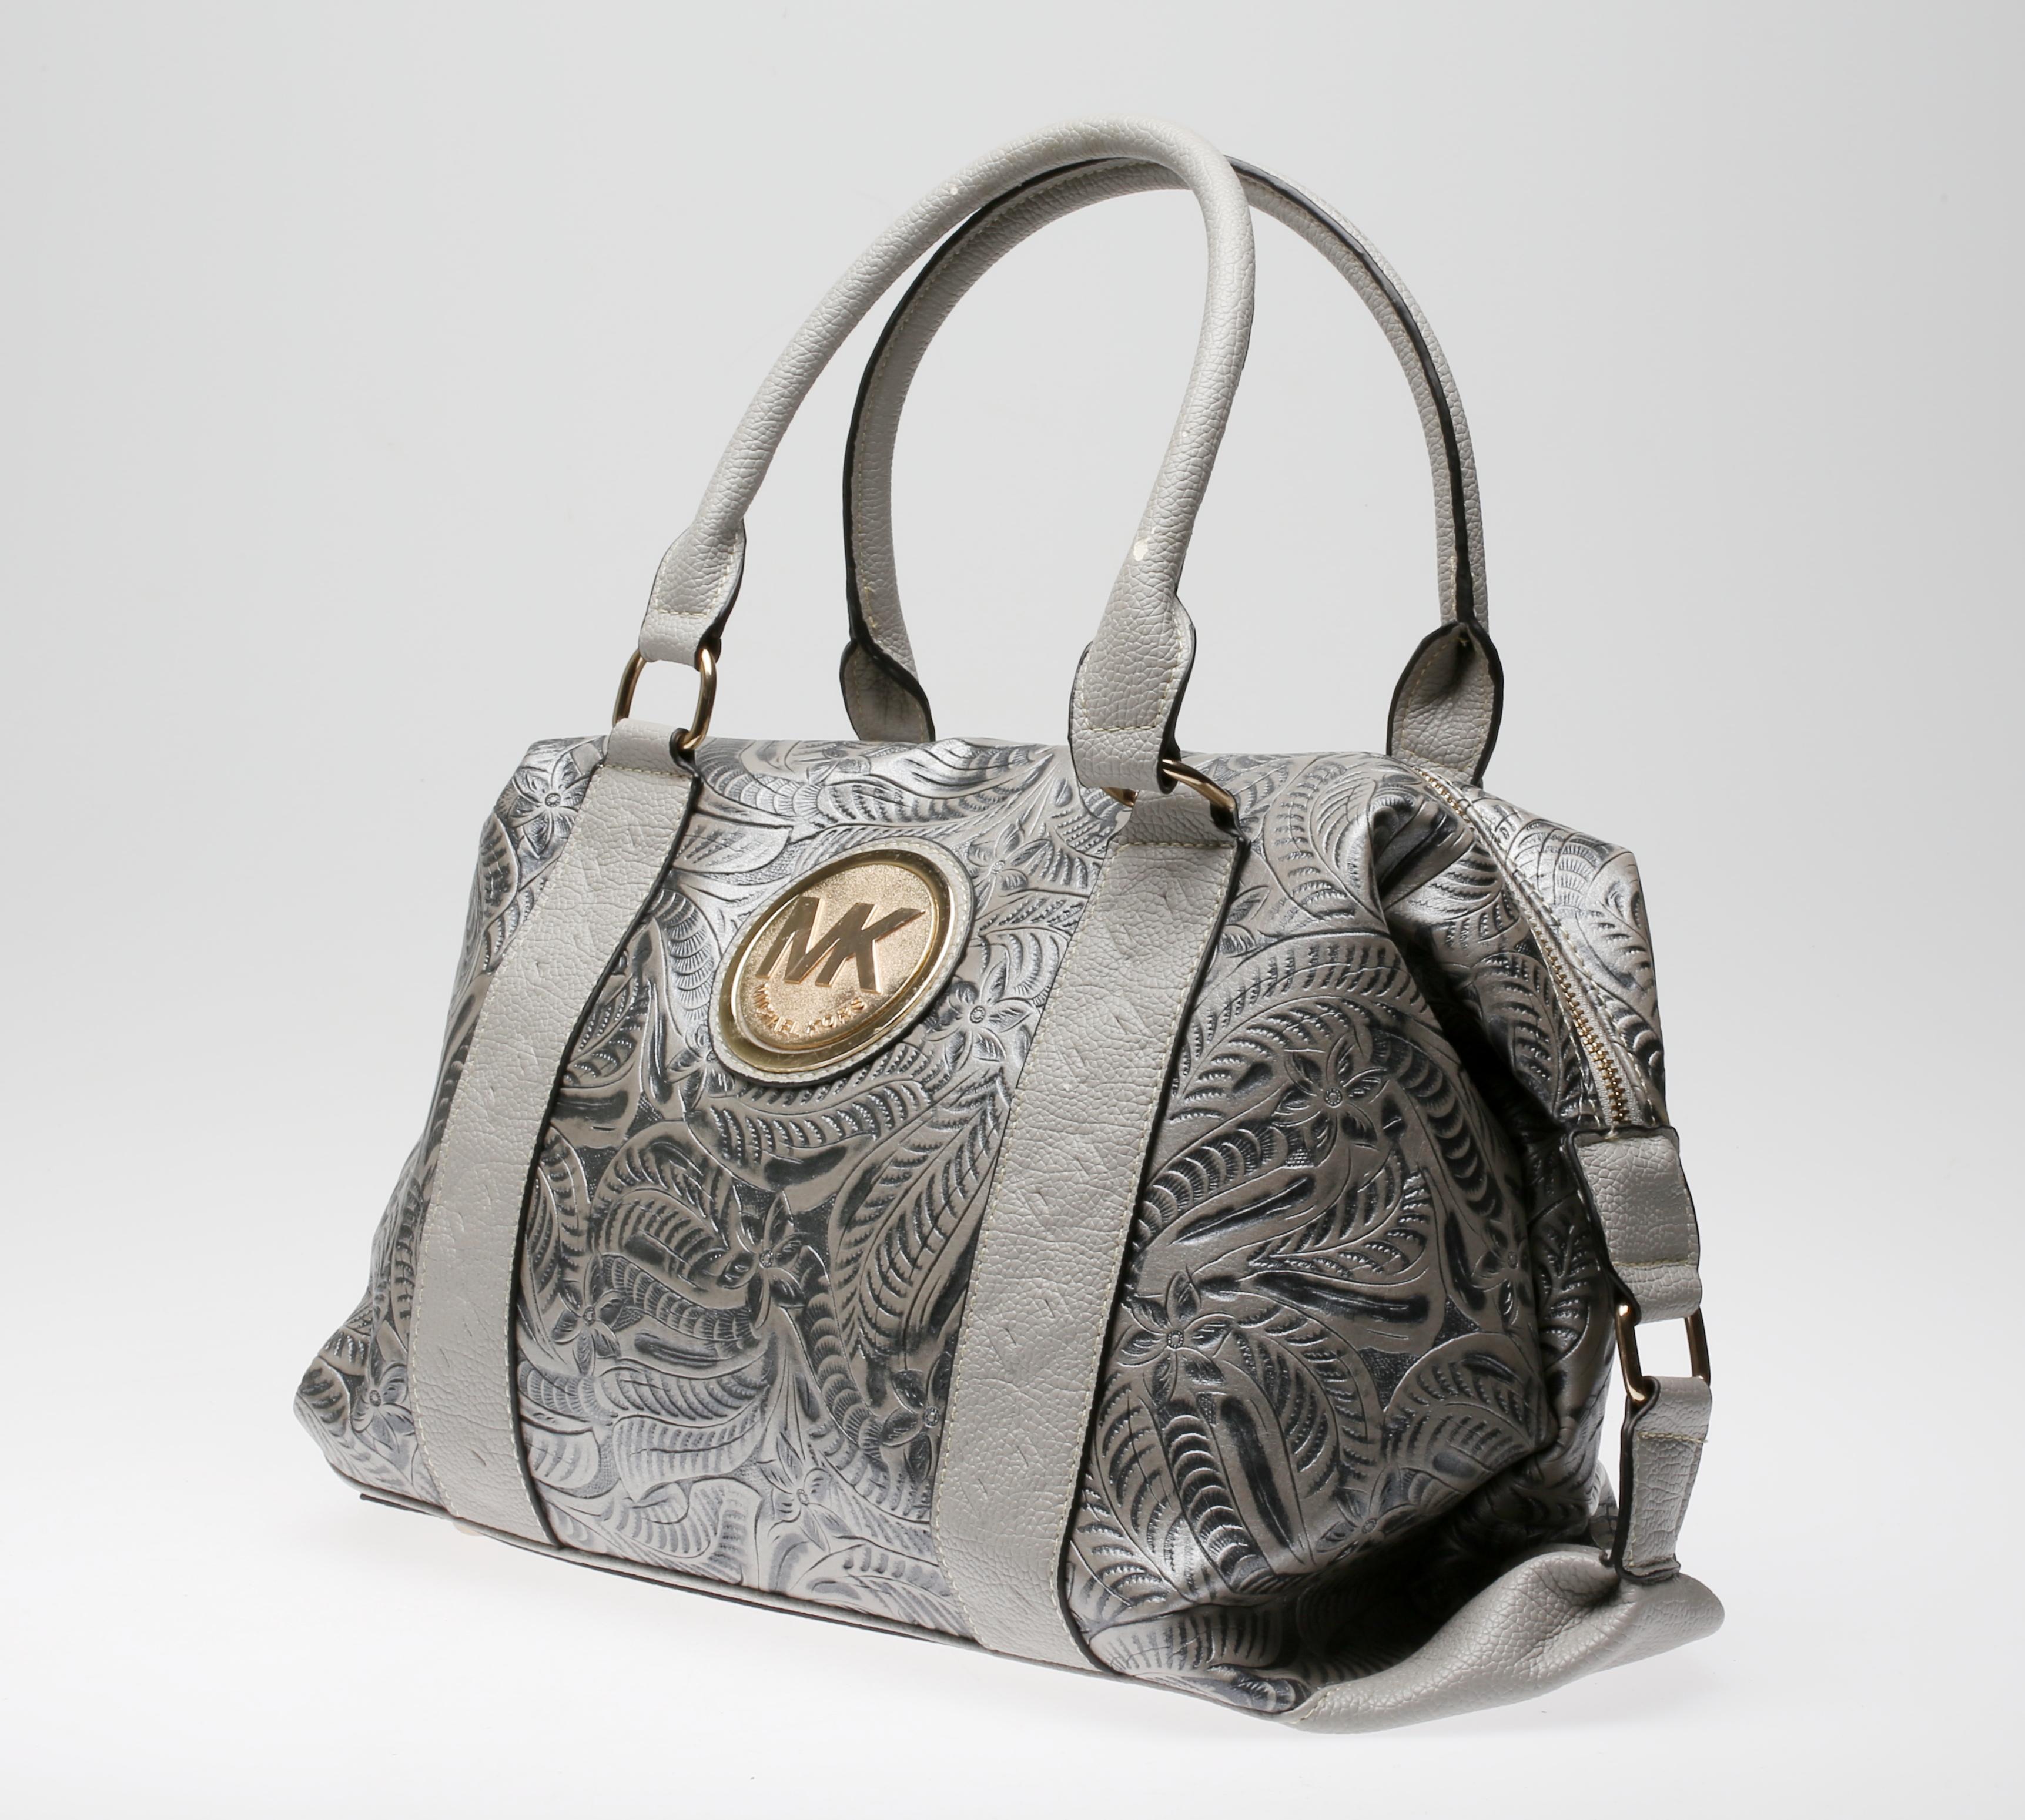 MICHAEL KORS. BAG, SKIN, MK. Vintage clothing & Accessories